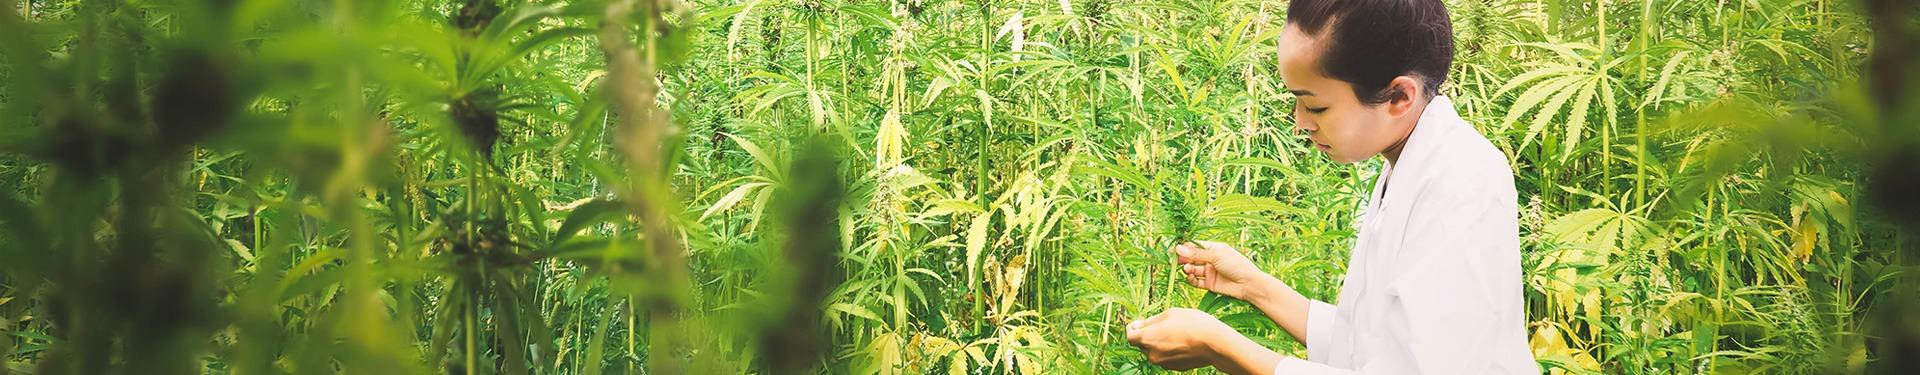 Cannabis Feld - FAQs